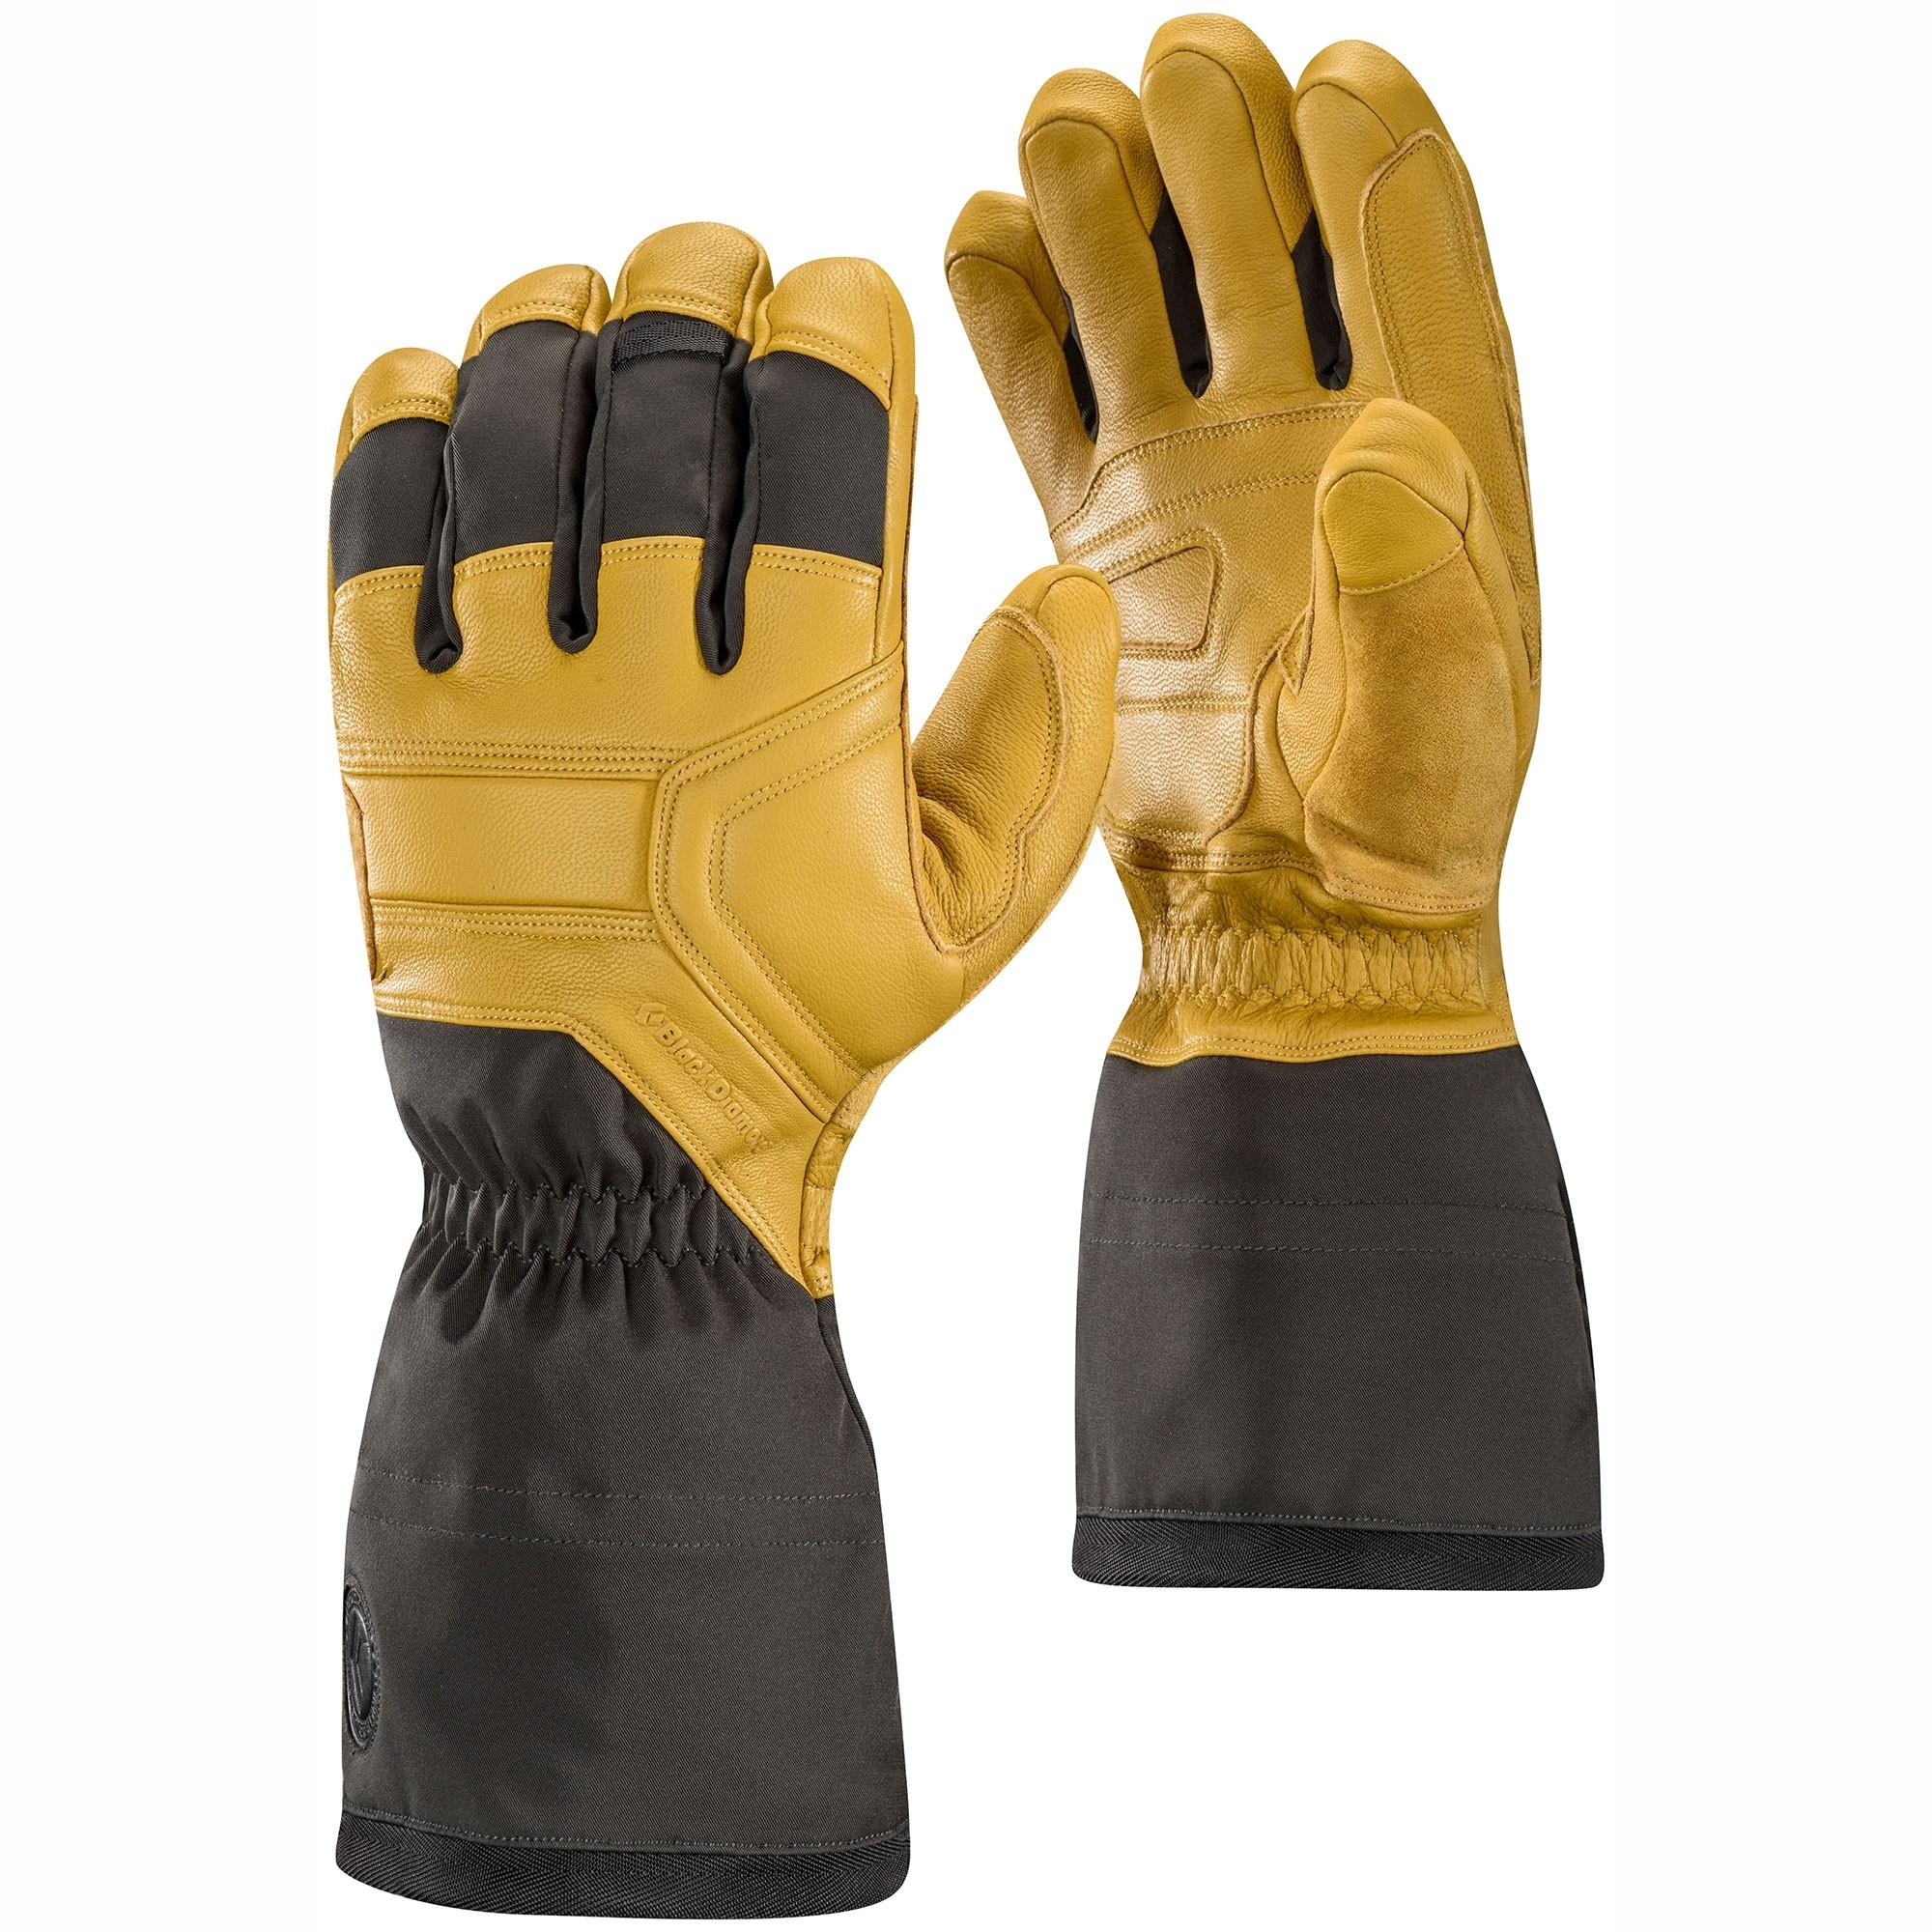 Black-Diamond-Guide-Gloves-Natural-W17.jpg